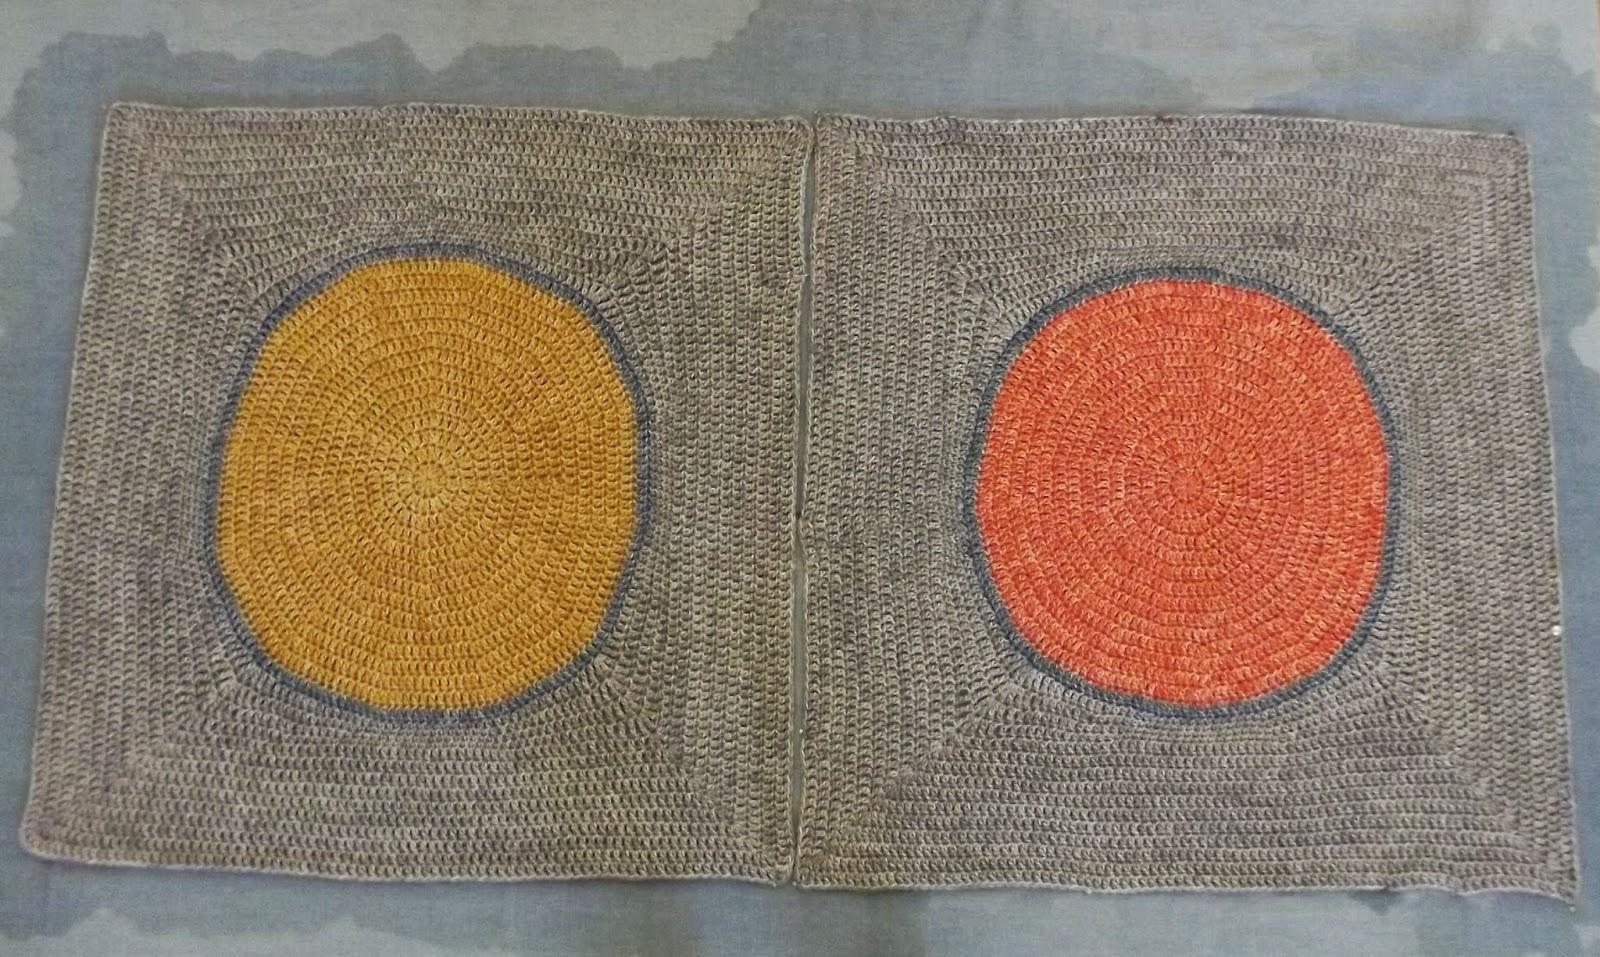 Avanav Van Cirkel Via Vierkant Naar Rechthoek